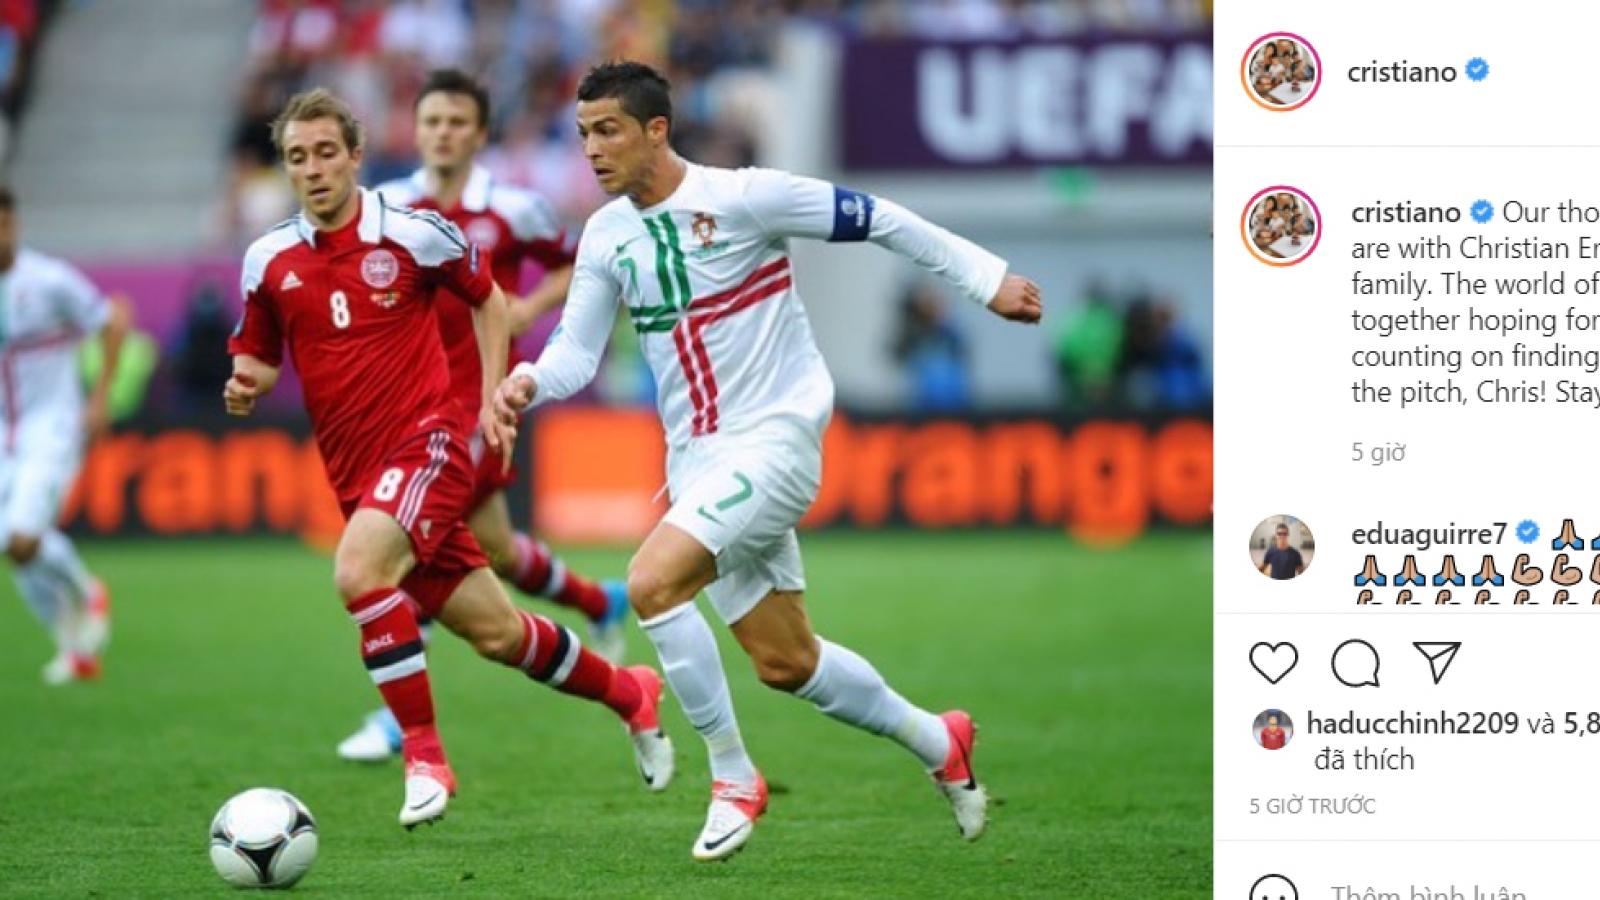 Ronaldo cầu nguyện cho Eriksen, mong đồng nghiệp sớm trở lại sân cỏ